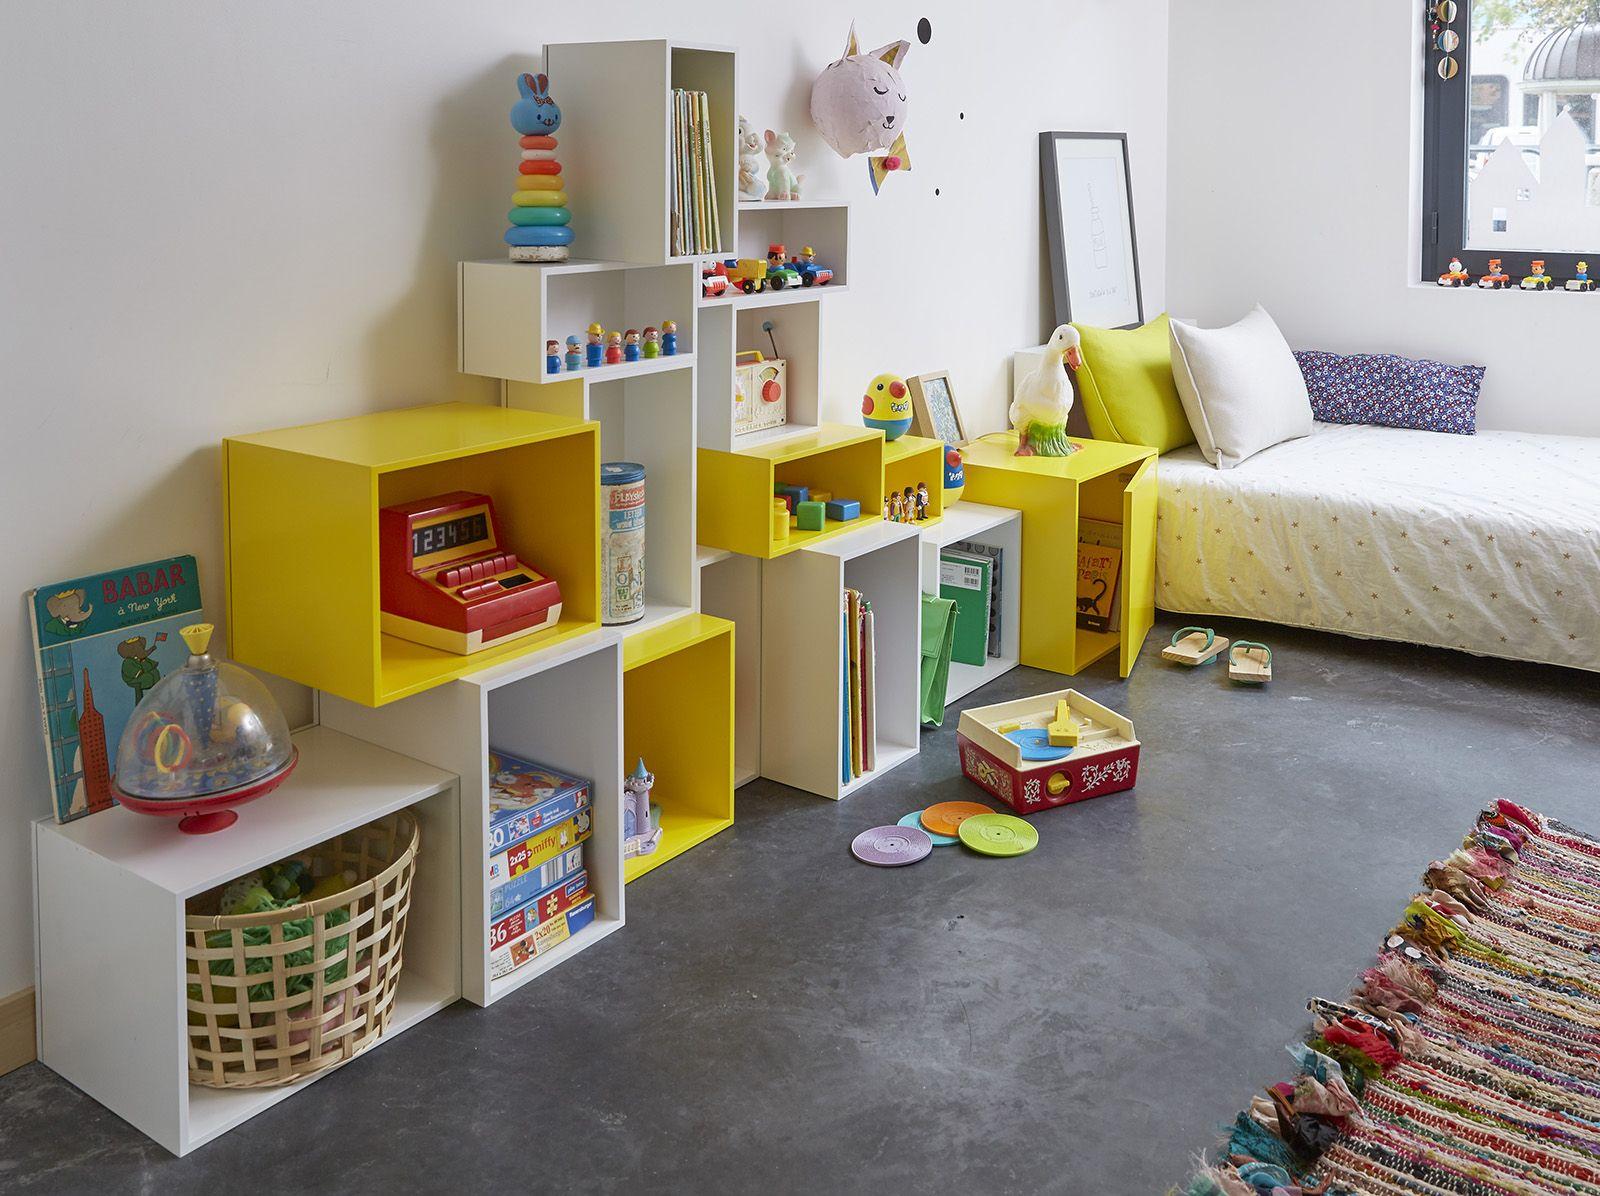 dco etagre chambre denfant - Etagere Enfant Deco